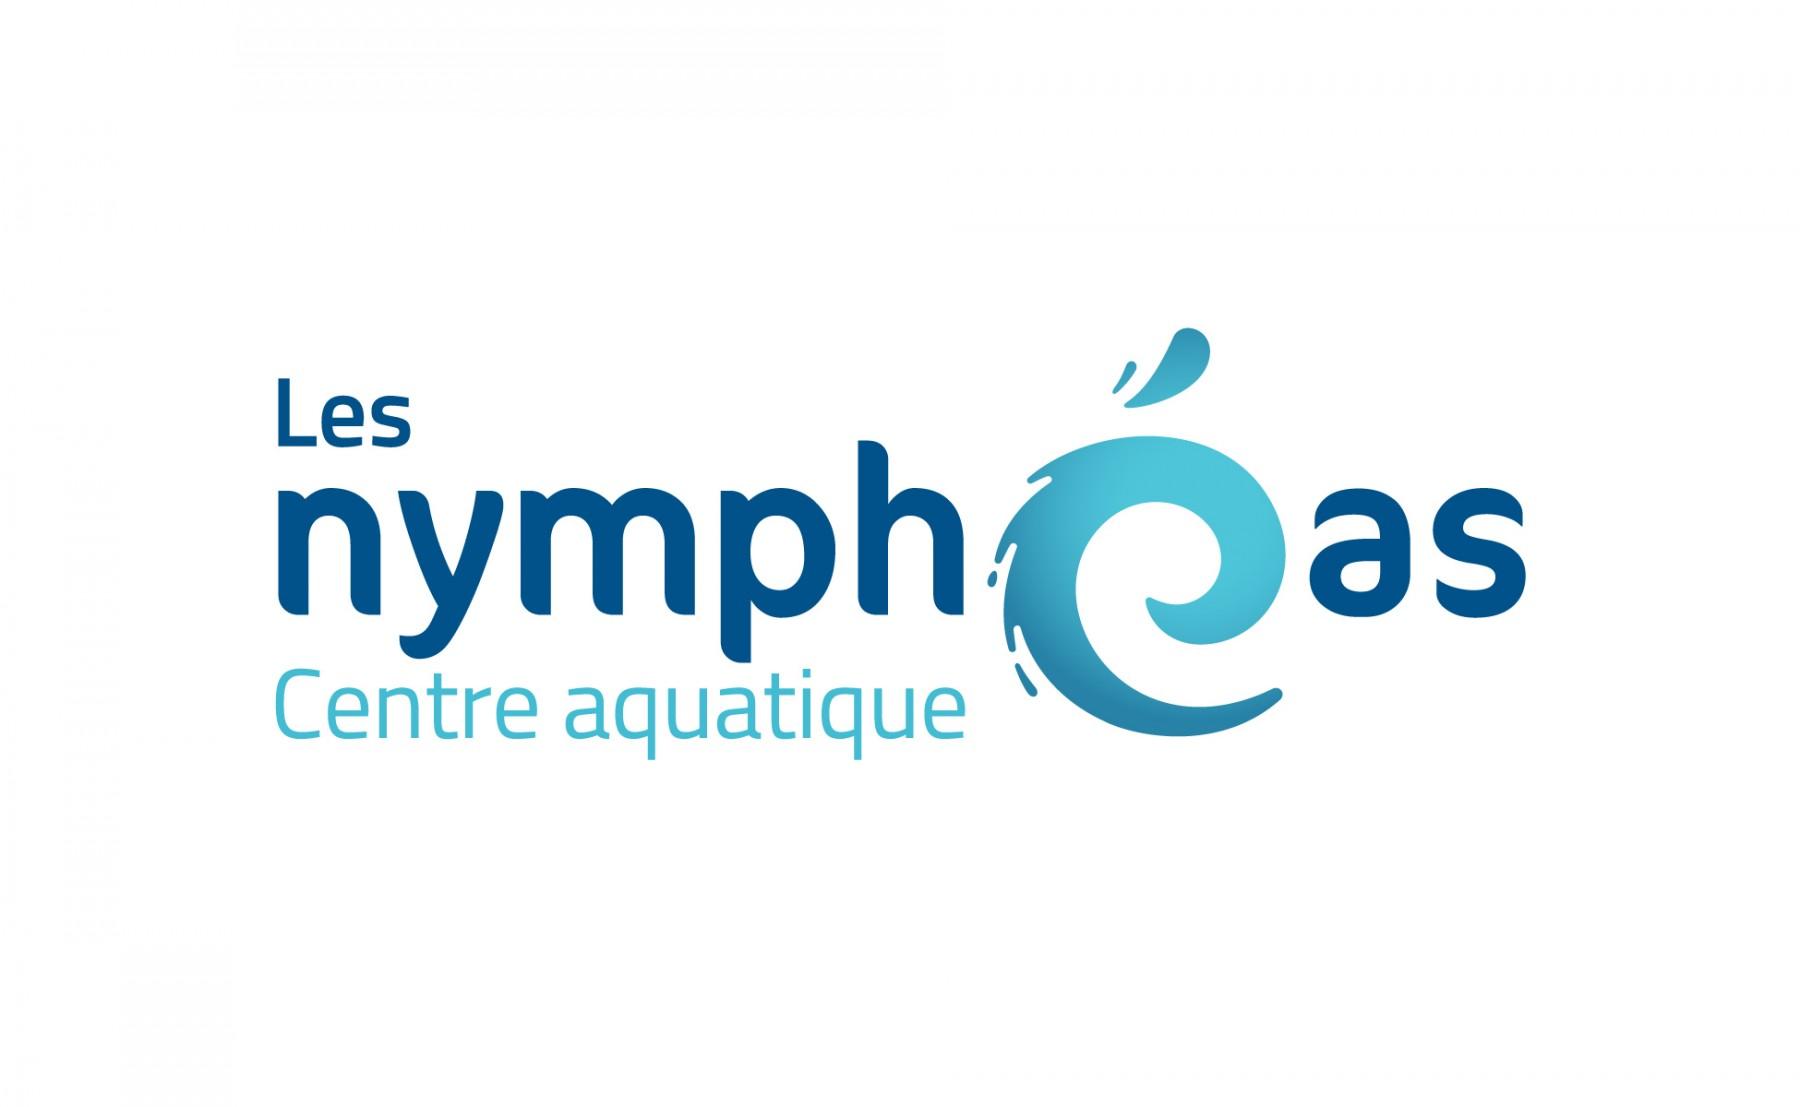 Identit visuelle centre aquatique les nymph as for Piscine noisy le grand